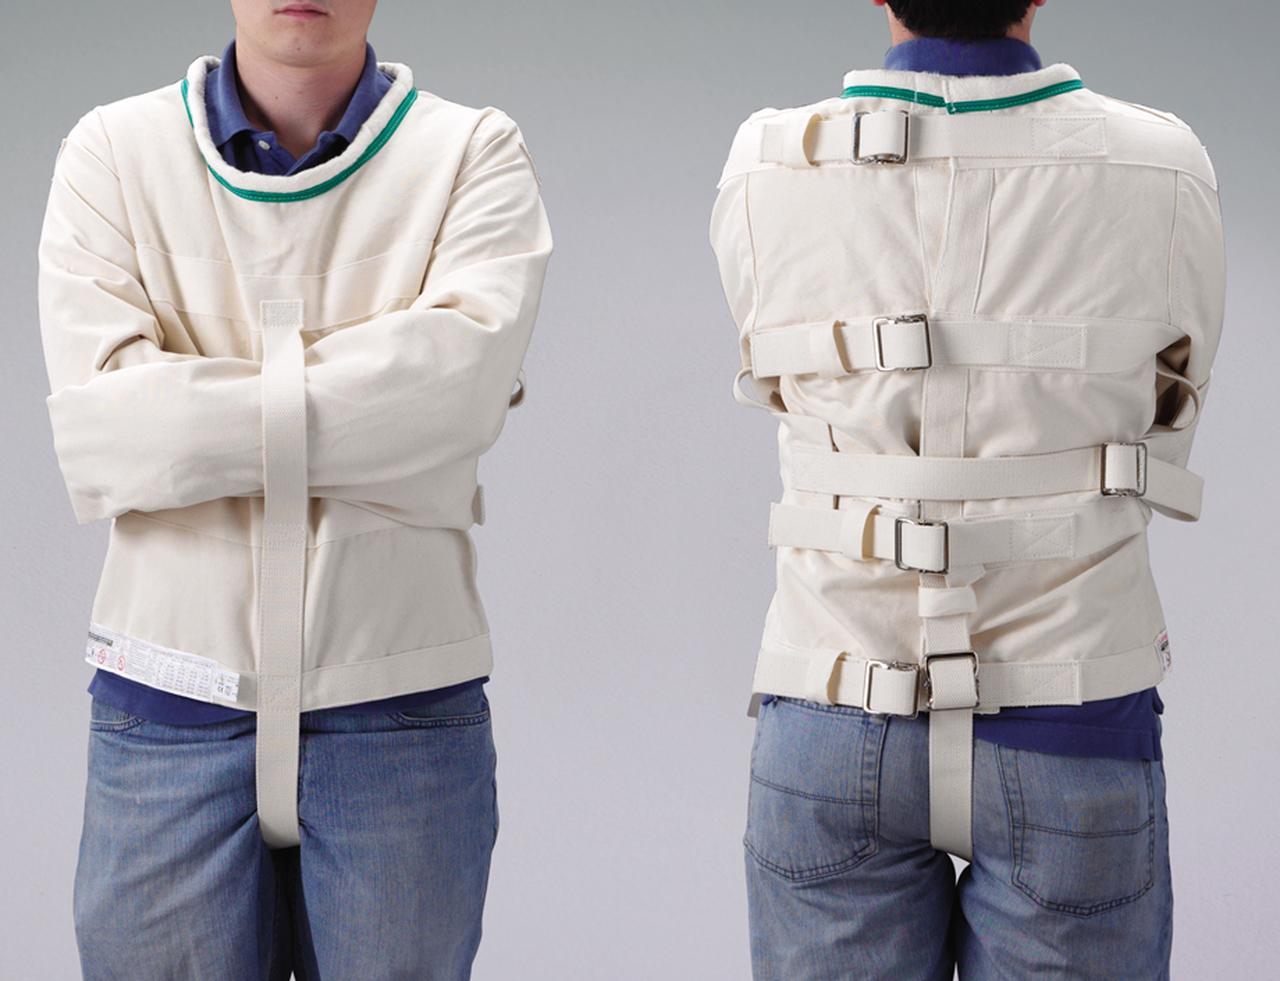 اعتراض یک مدل گوچی به طراحی لباس: سلامت روانی، مد نیست